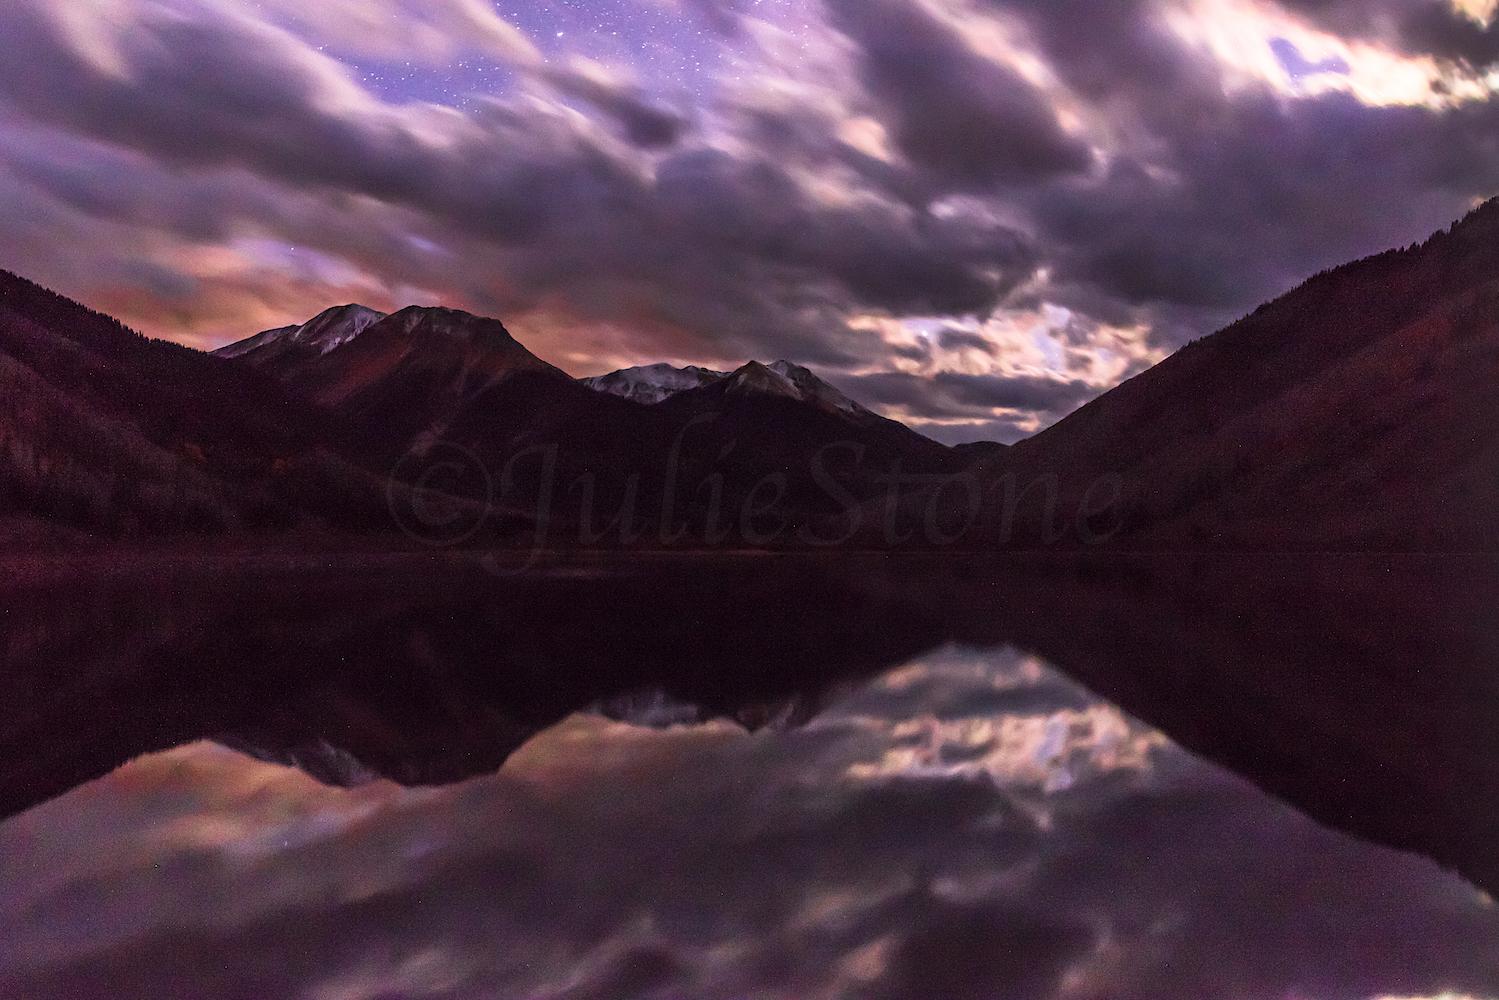 Crystal Lake, Image # 0931